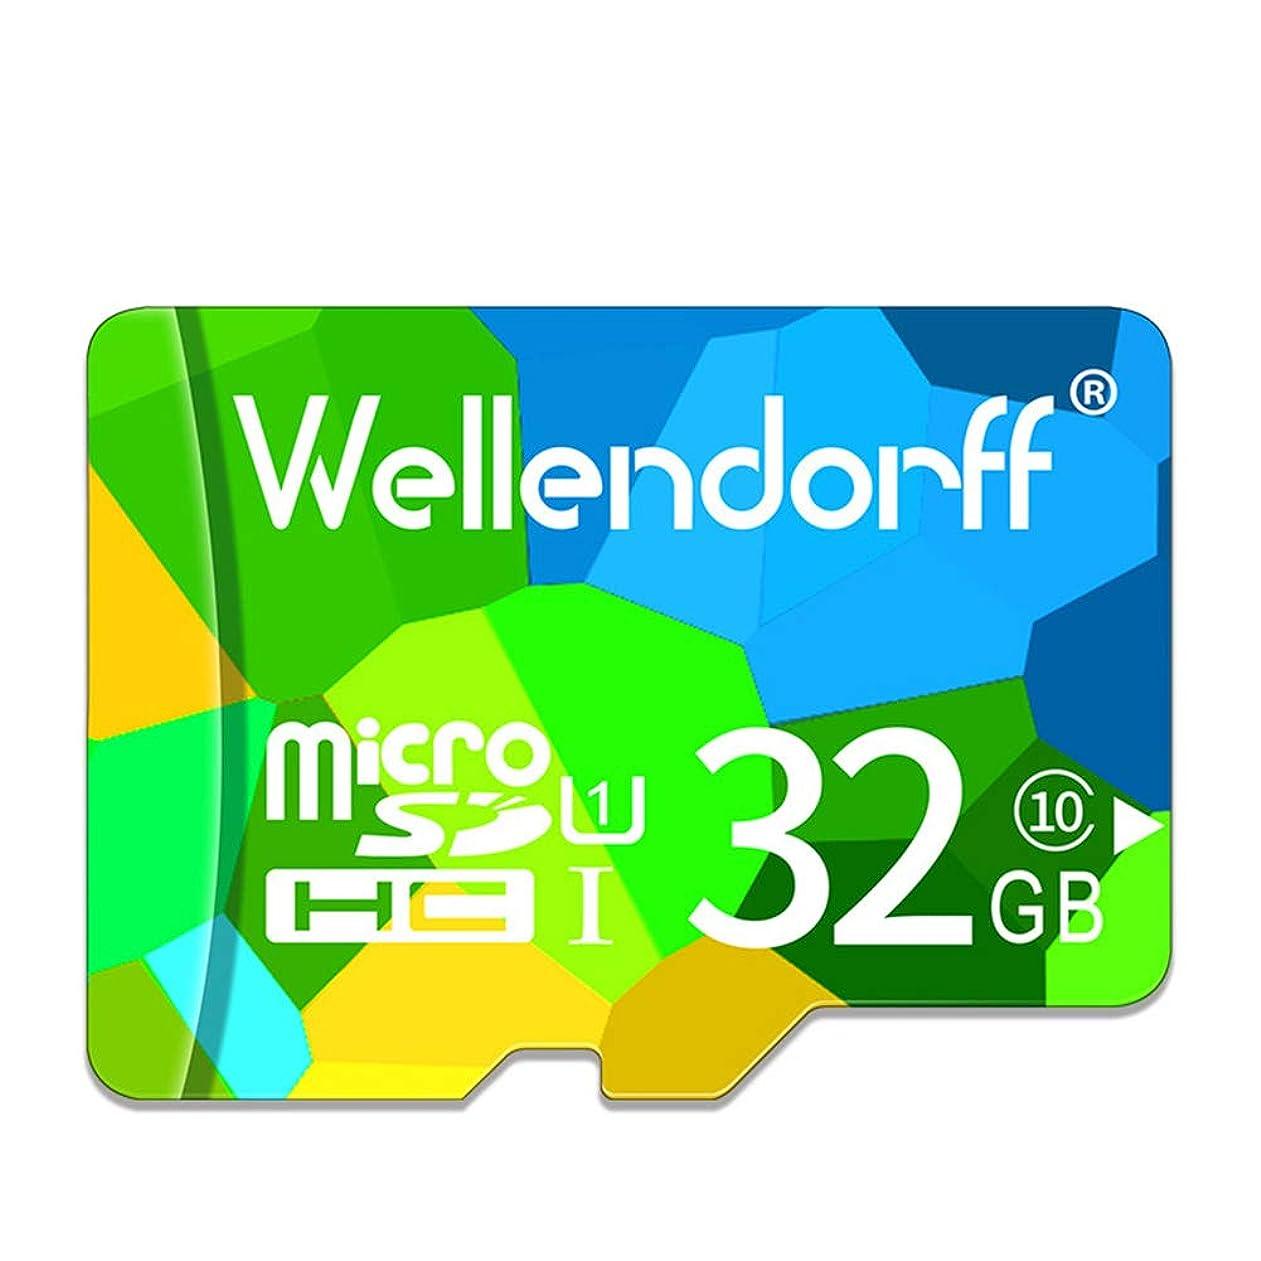 コジオスコ反応する冗長TFカード 32GB microSDHCカード カメラメモリカード メモリカード 携帯電話のメモリカード class10 高速 SDカード アダプタ付